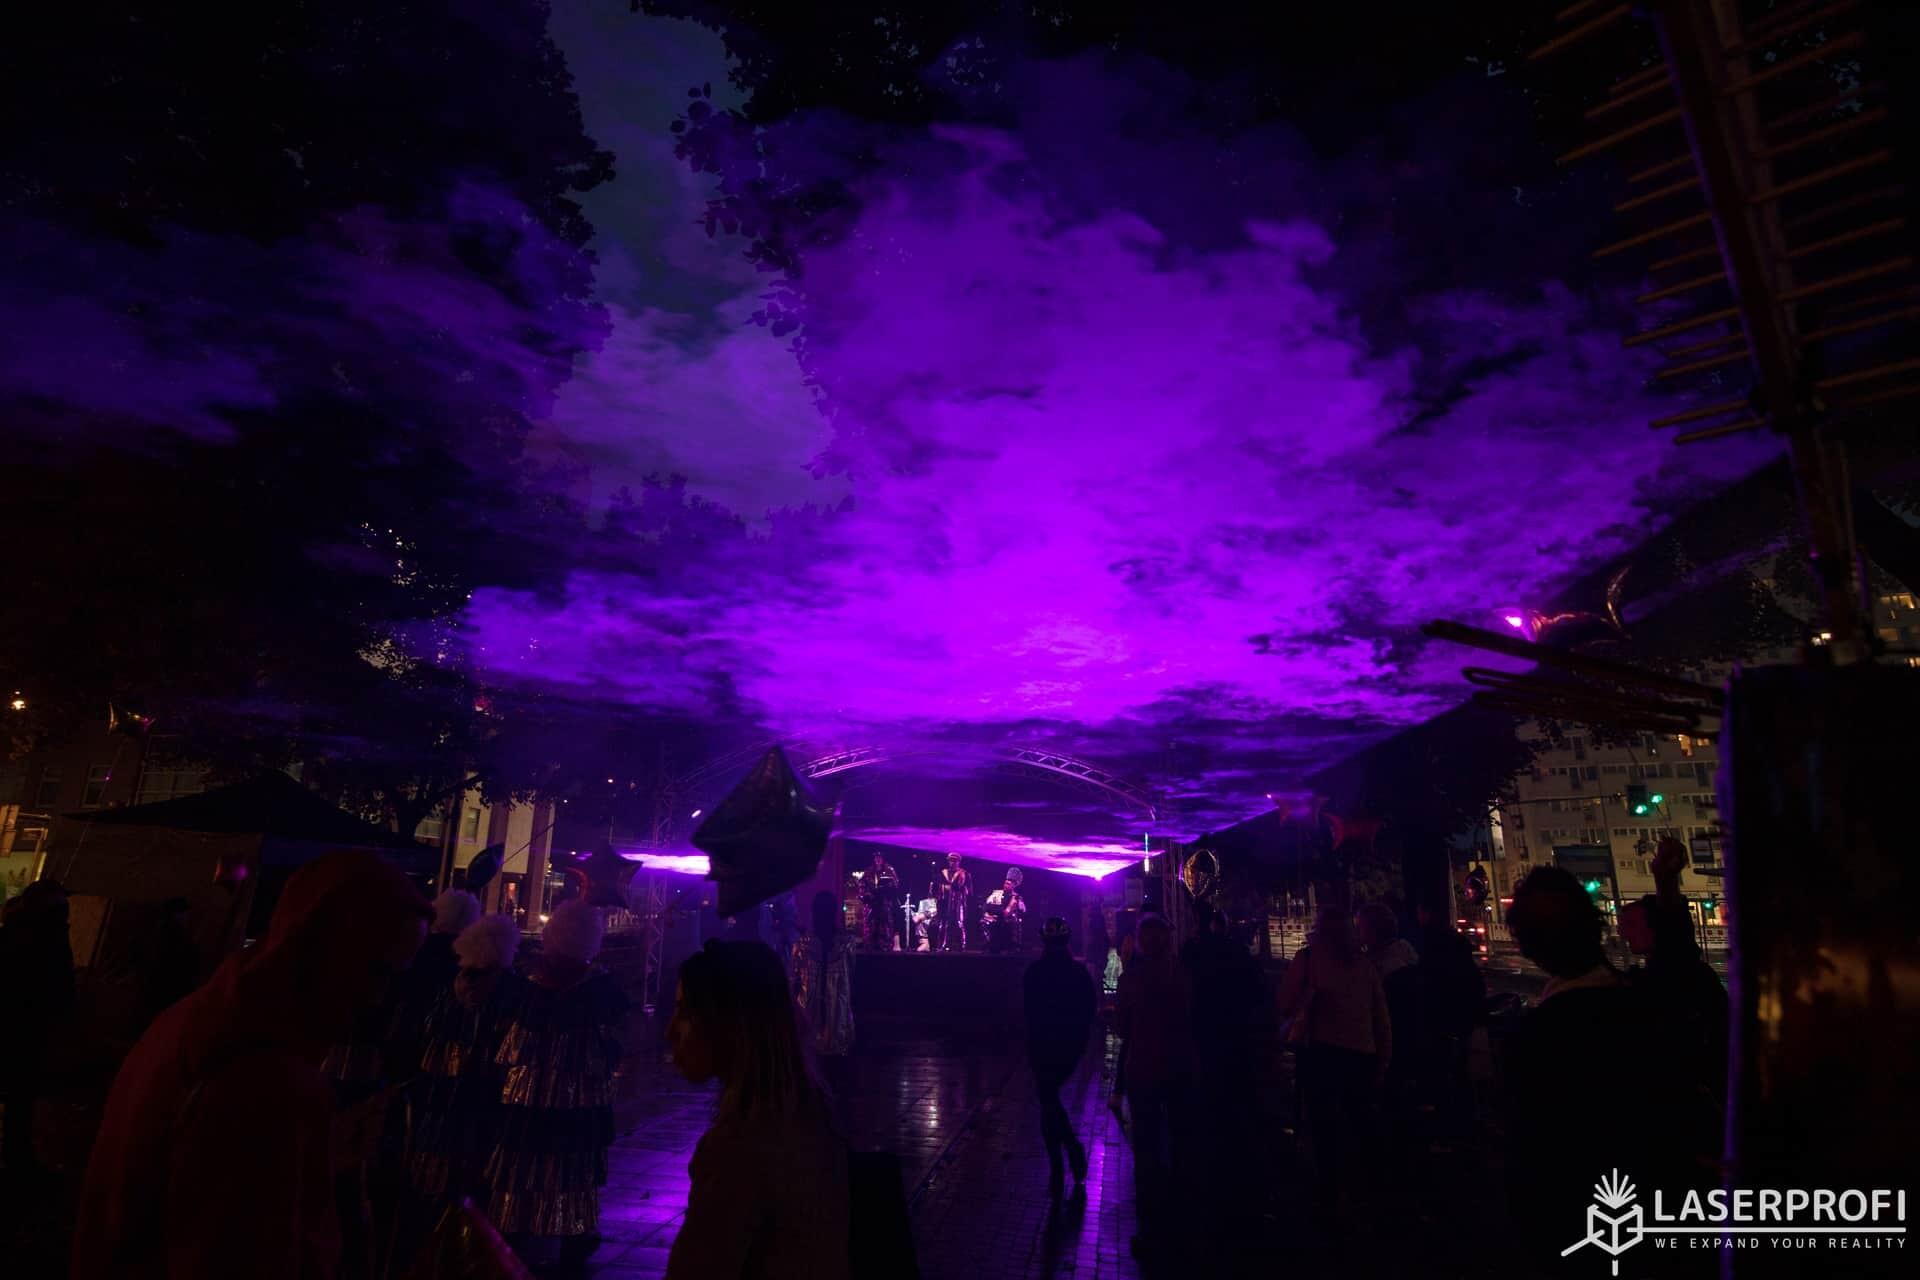 fioletowe lasery lemostrada